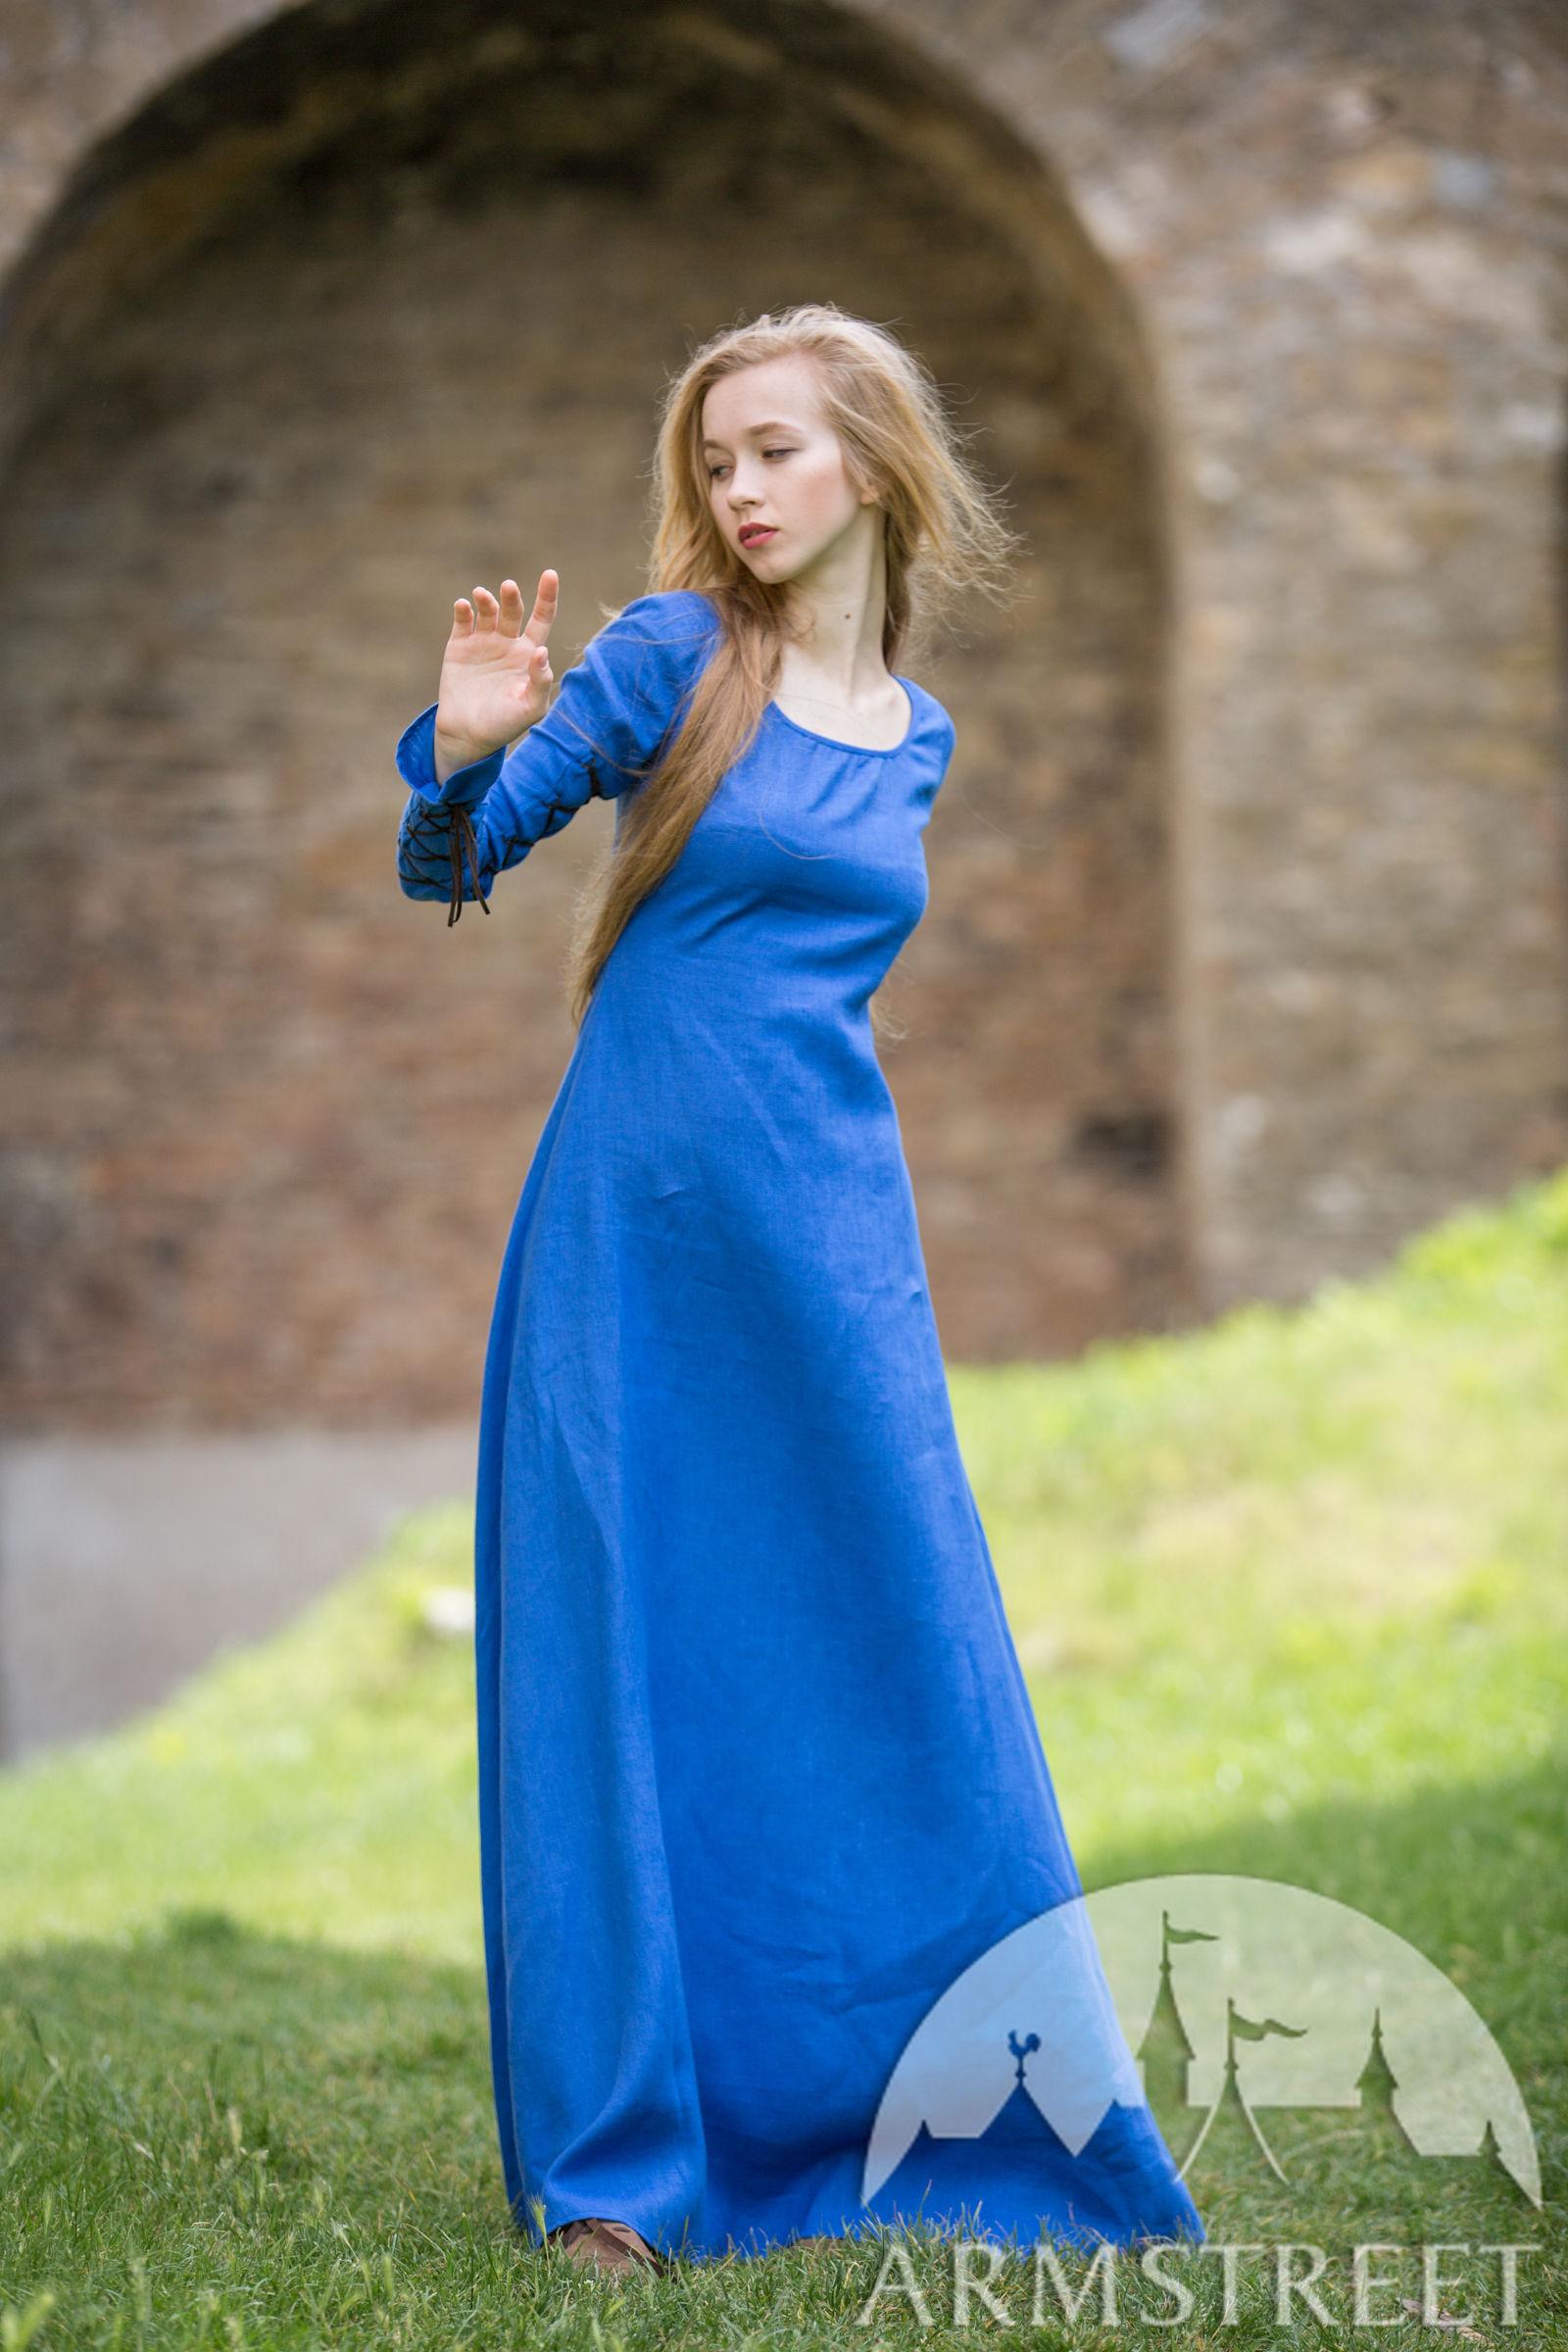 Crowns For Sale >> Original medieval stile dress, hat and skirt set. Natural ...